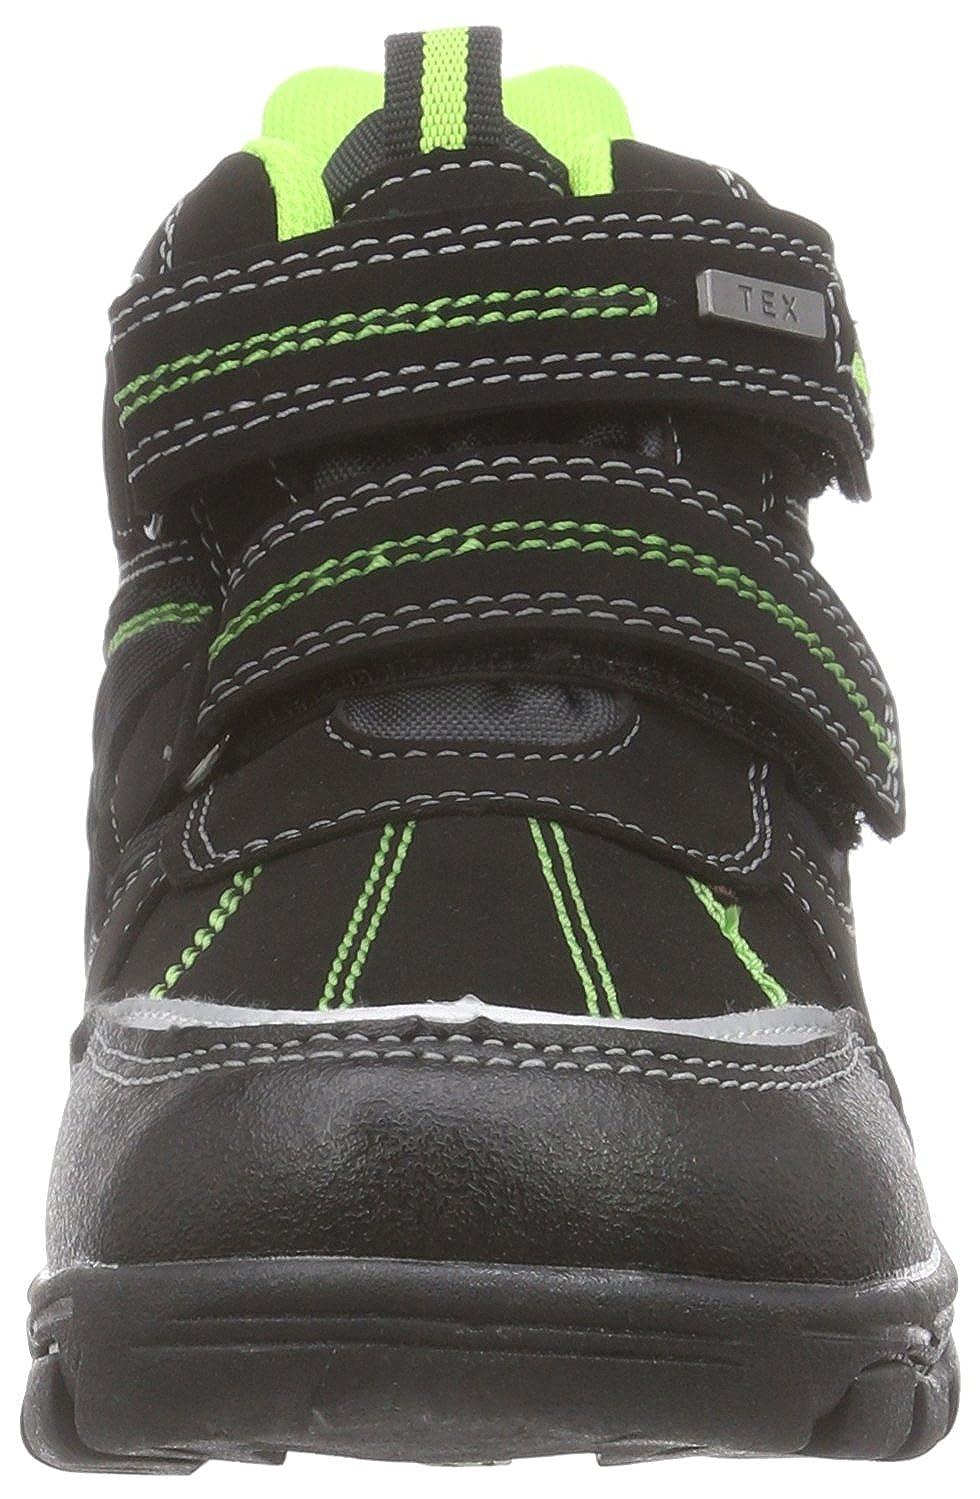 Canadians 467 184, Bottes de Neige de Hauteur Moyenne, Doublure Chaude Garçon - Noir - Schwarz (Black/Green 078), Taille 38 EU